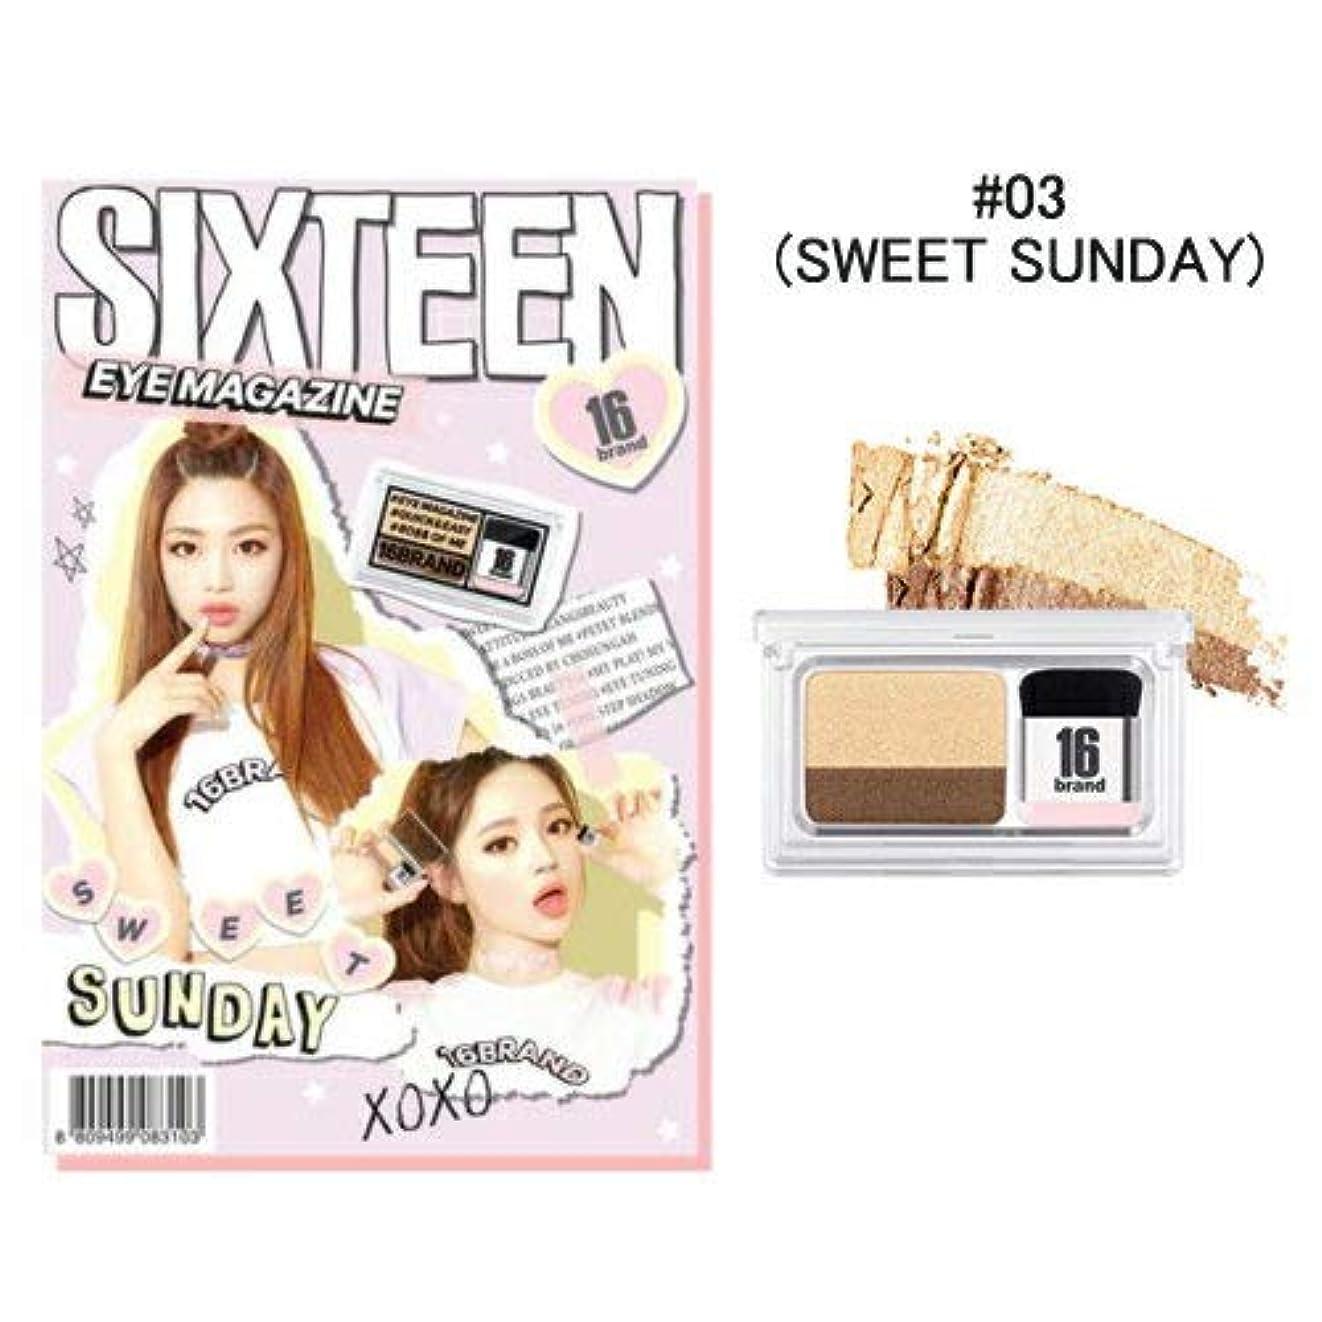 うるさいみクッション[New Color] 16brand Sixteen Eye Magazine 2g /16ブランド シックスティーン アイ マガジン 2g (#03 SWEET SUNDAY) [並行輸入品]